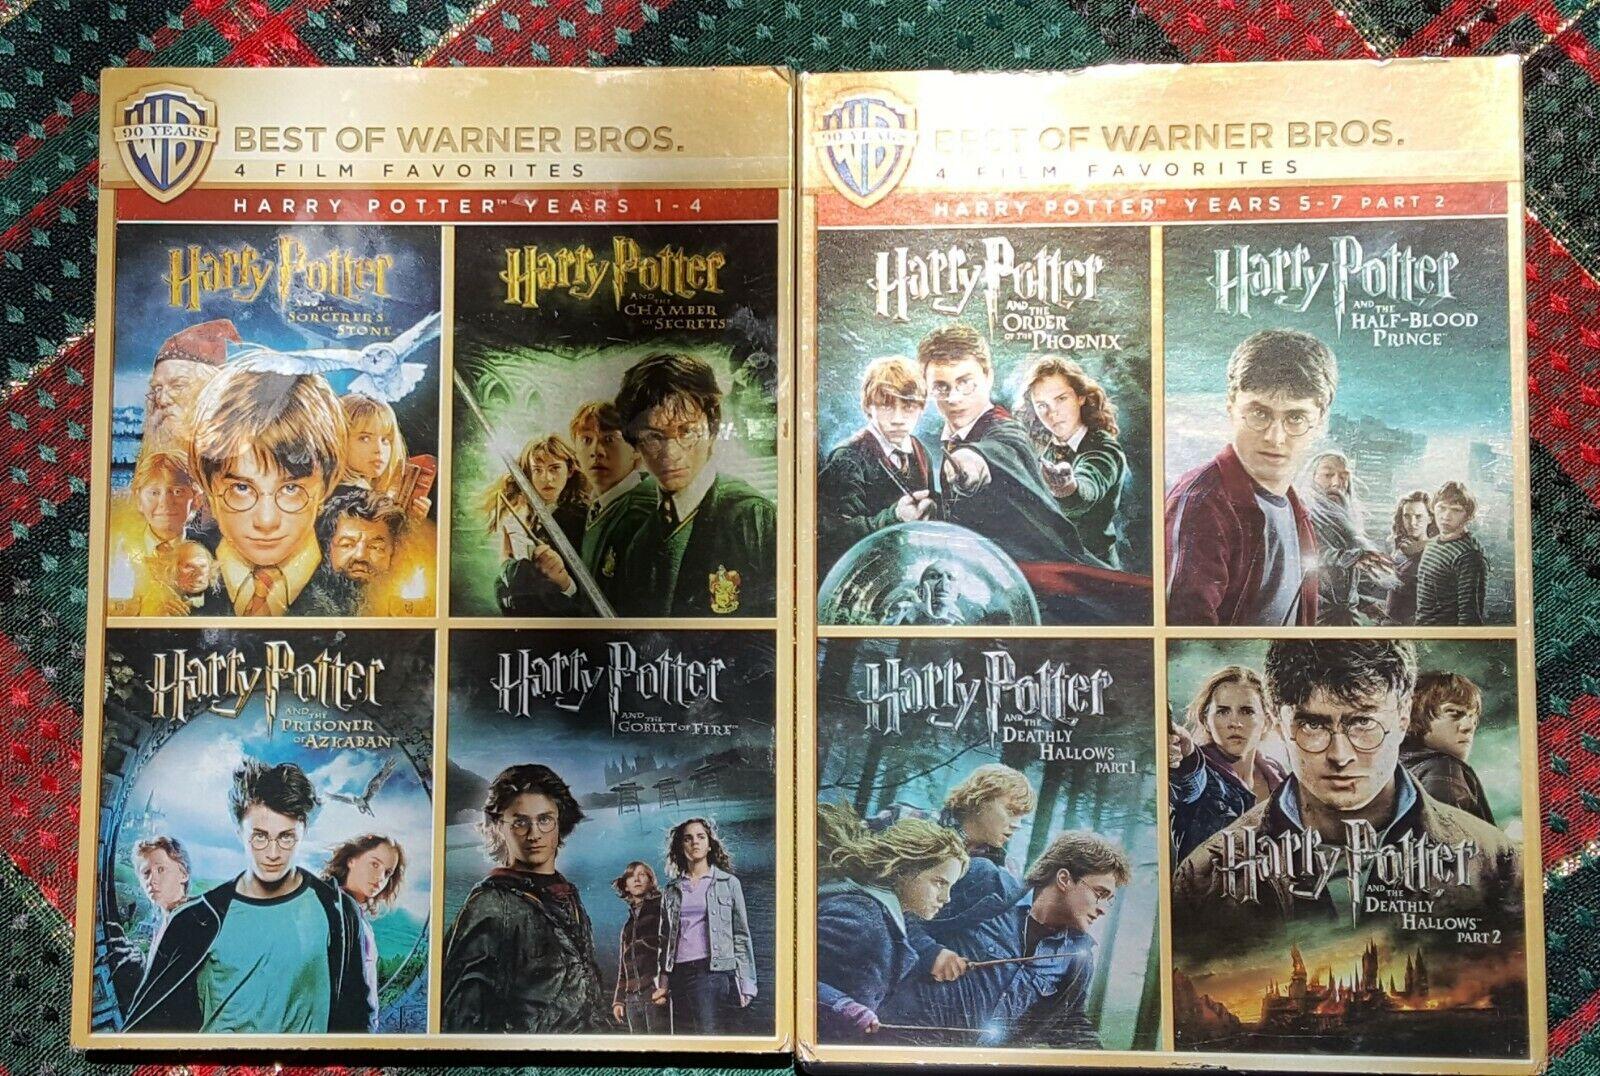 HARRY POTTER 8 MOVIE FULL SERIES DVD S - $6.00